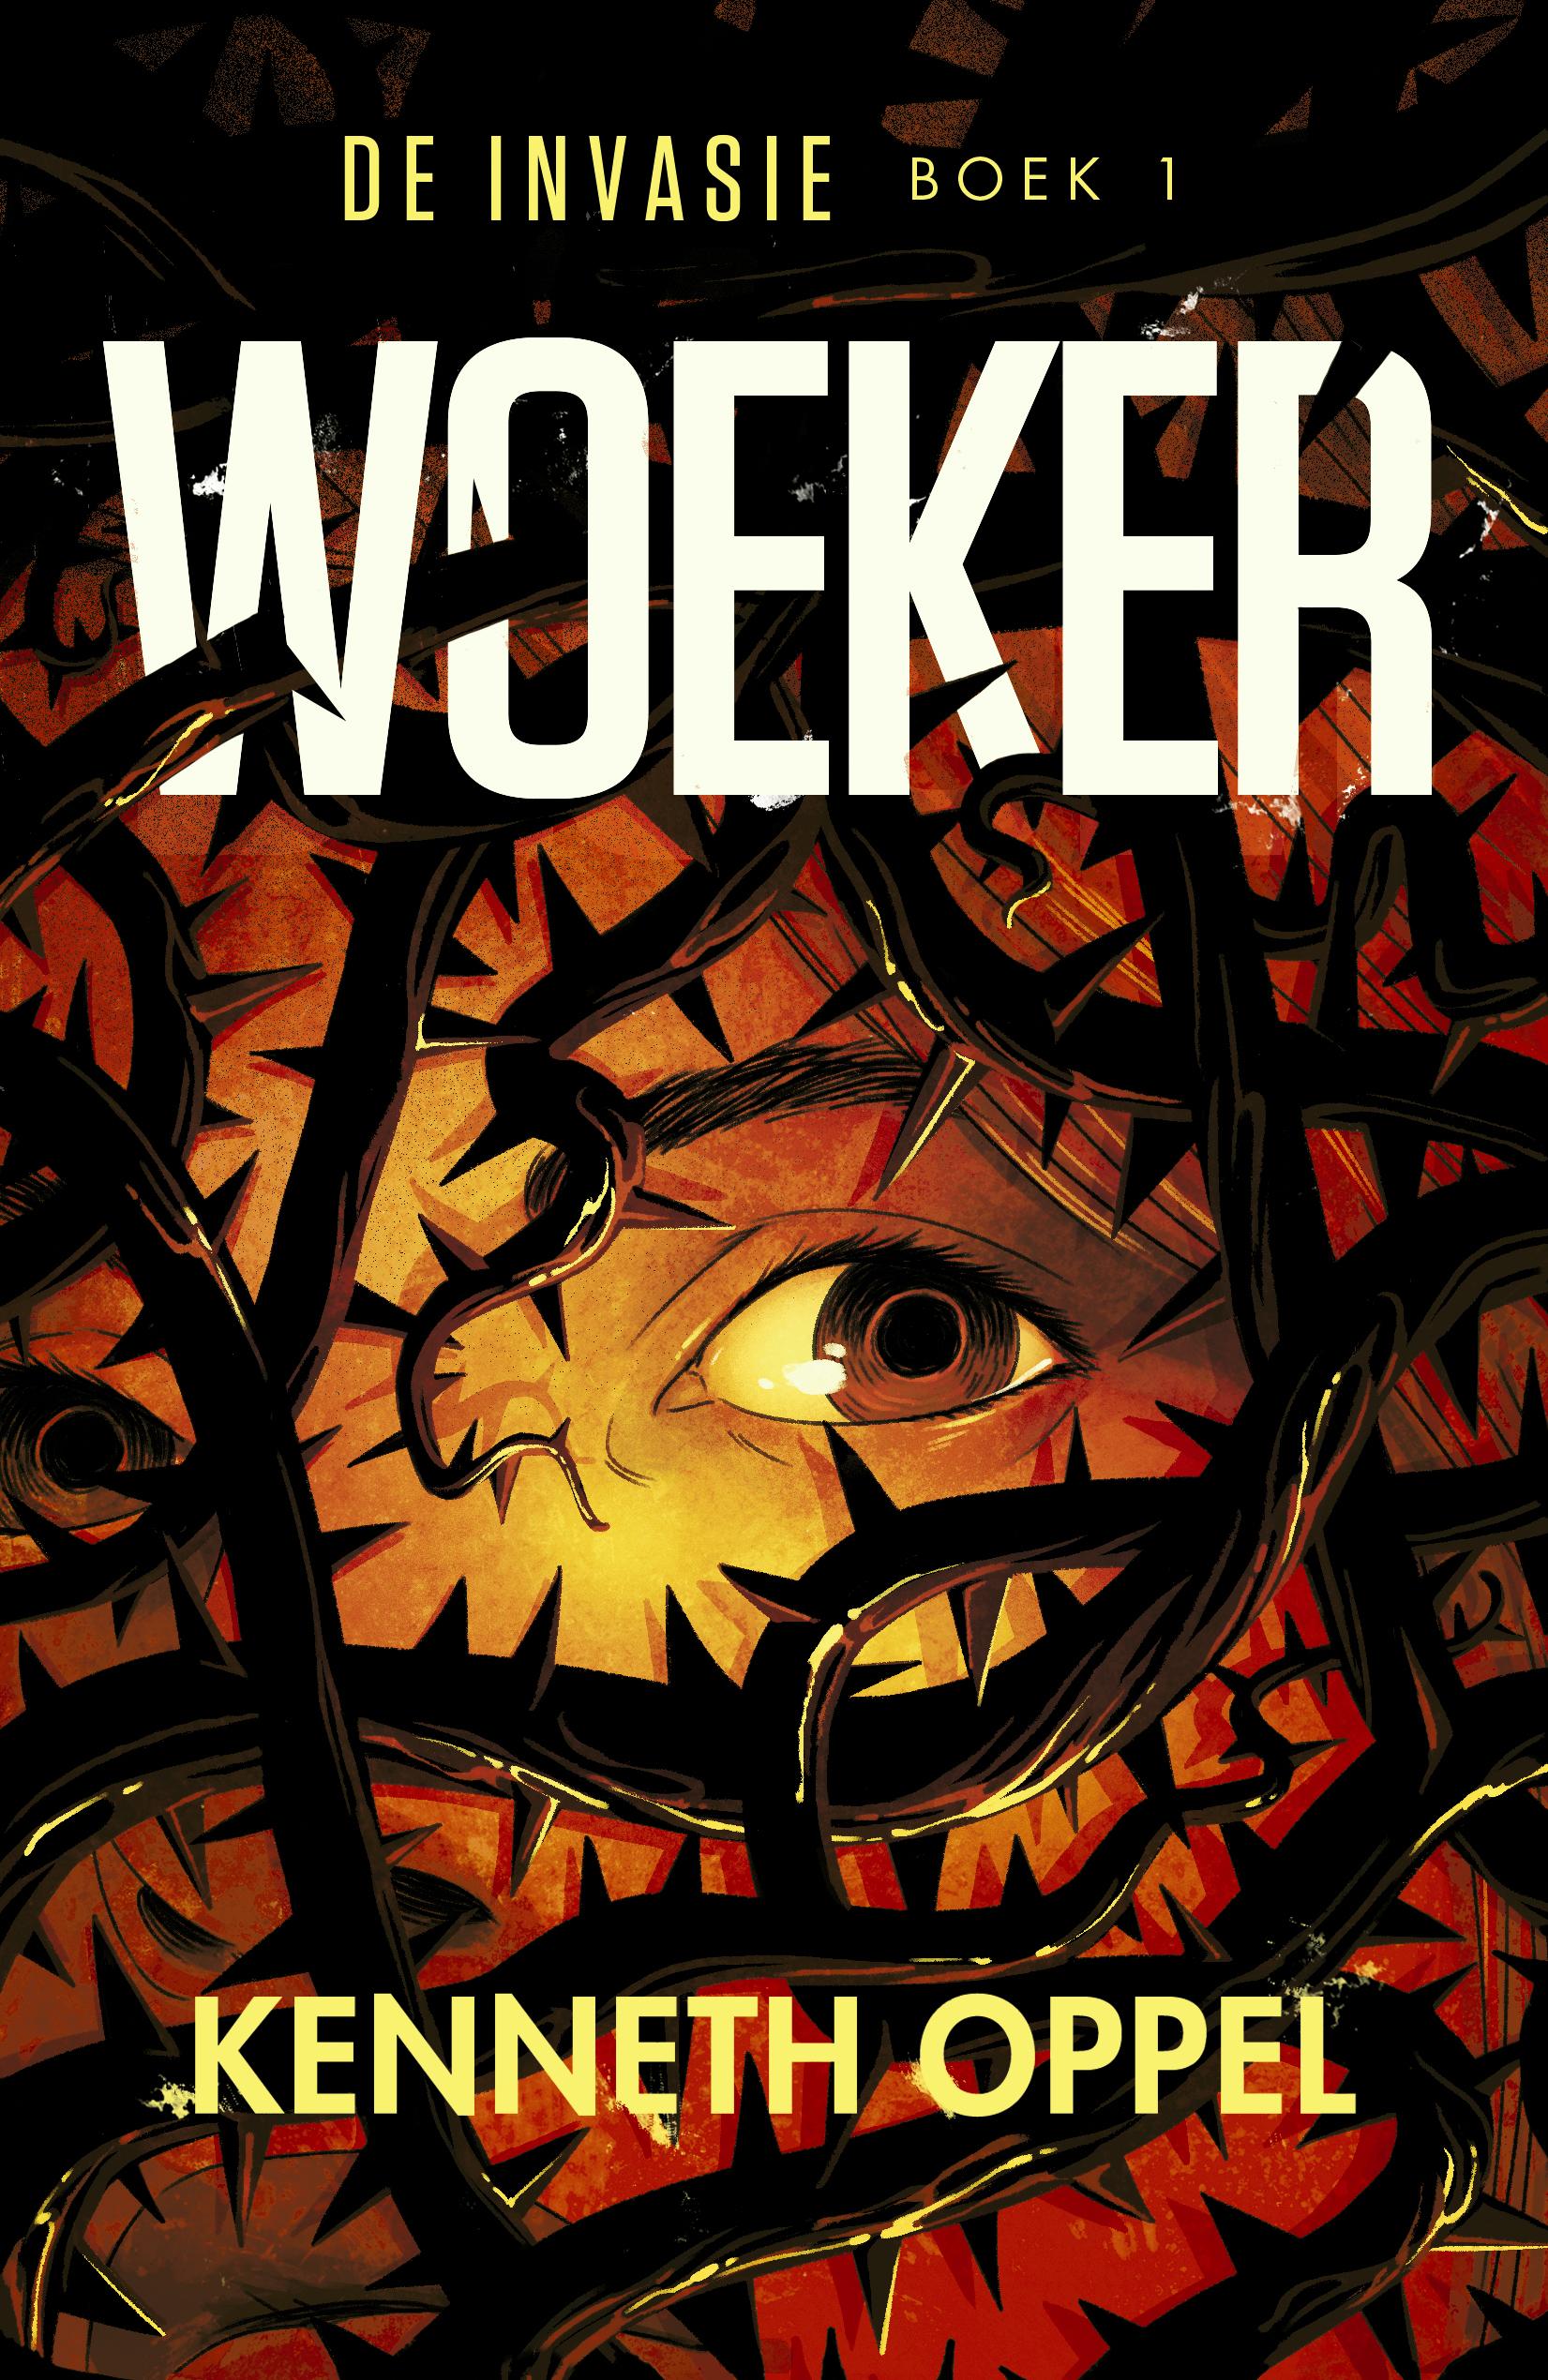 Woeker - Kenneth Oppel - Kinderboeken.nl